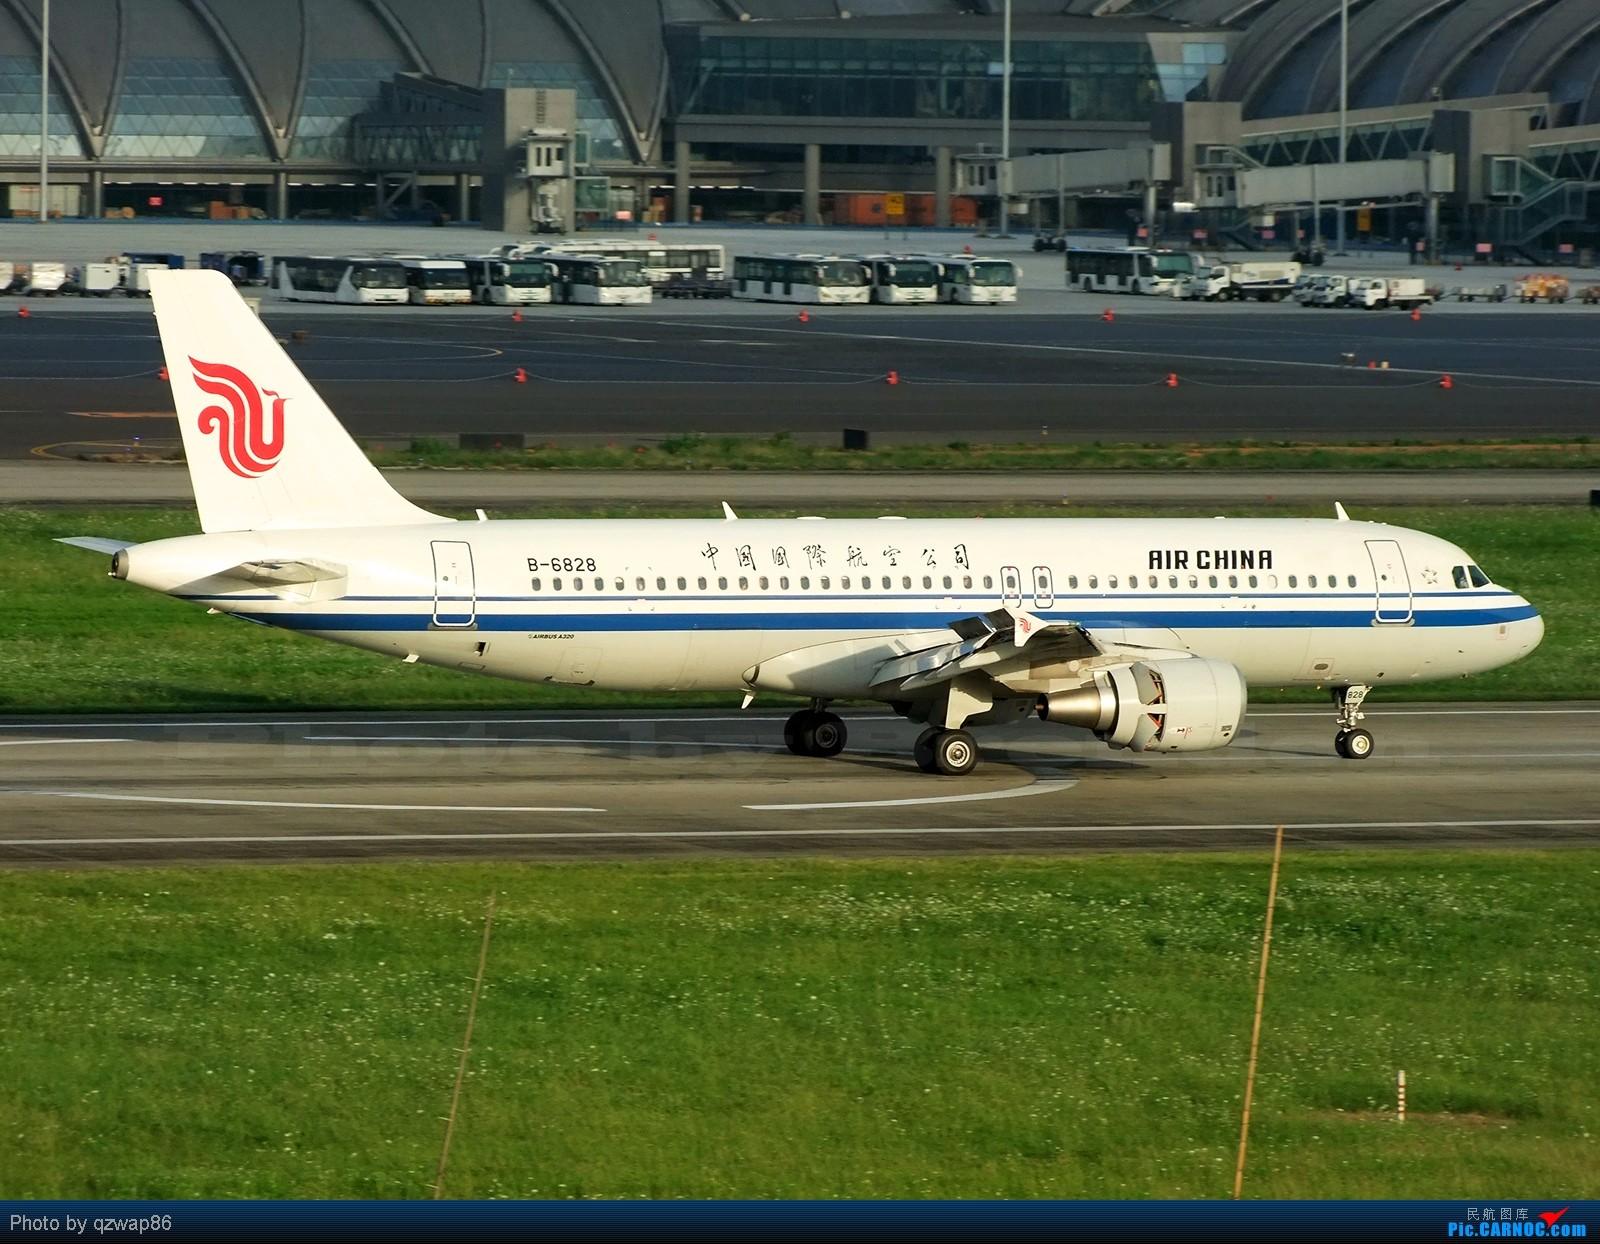 [原创]【CCFA成都空港缘分】为TA拍婚纱 AIRBUS A320 B-6828 成都双流国际机场